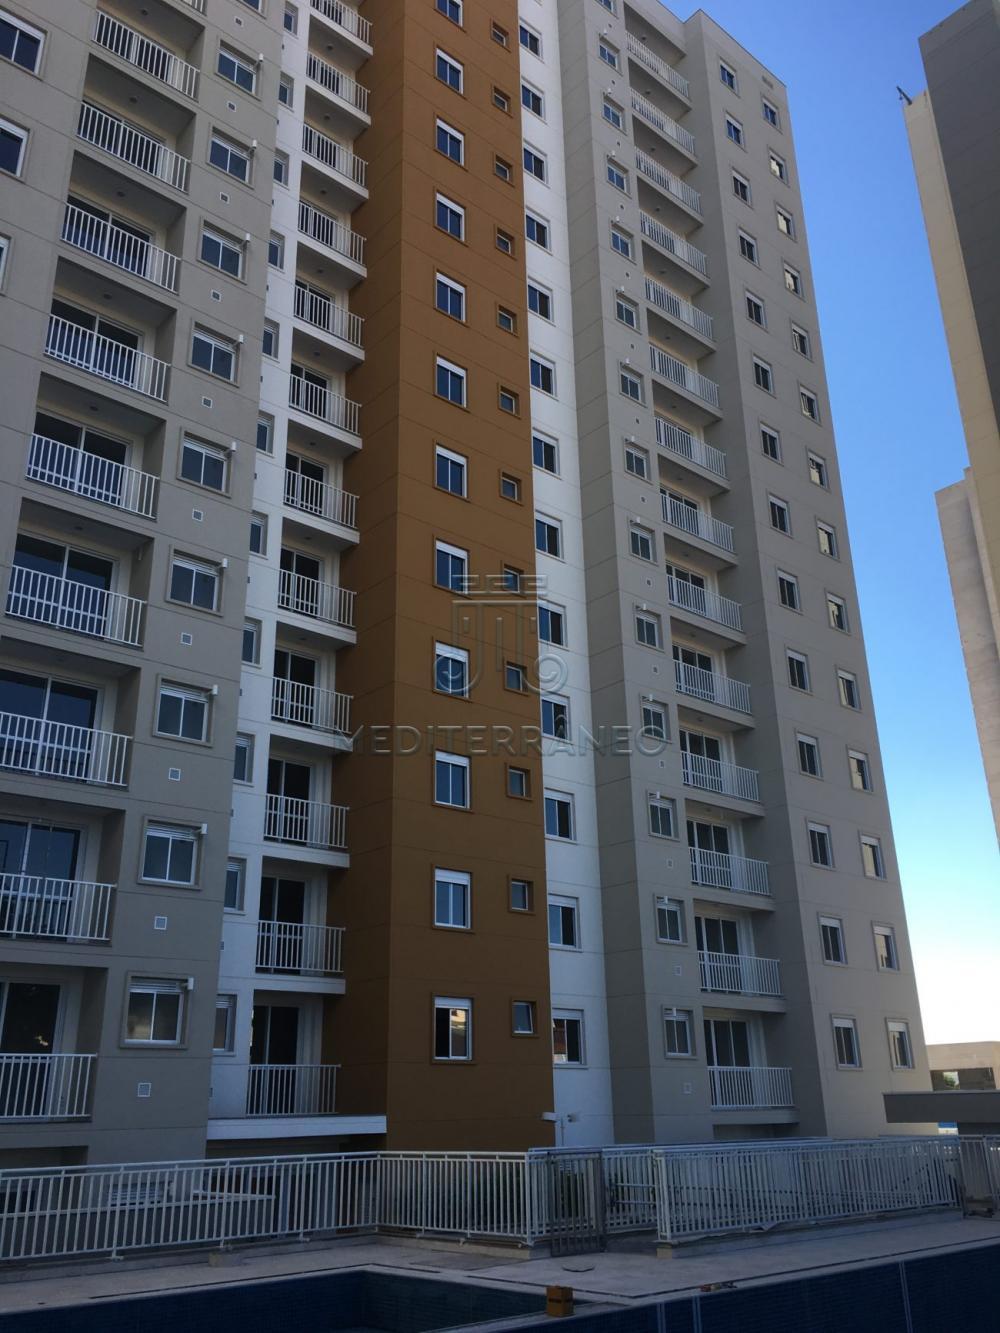 Itatiba Vila Brasileira Apartamento Venda R$297.175,53 2 Dormitorios 1 Vaga Area construida 60.32m2